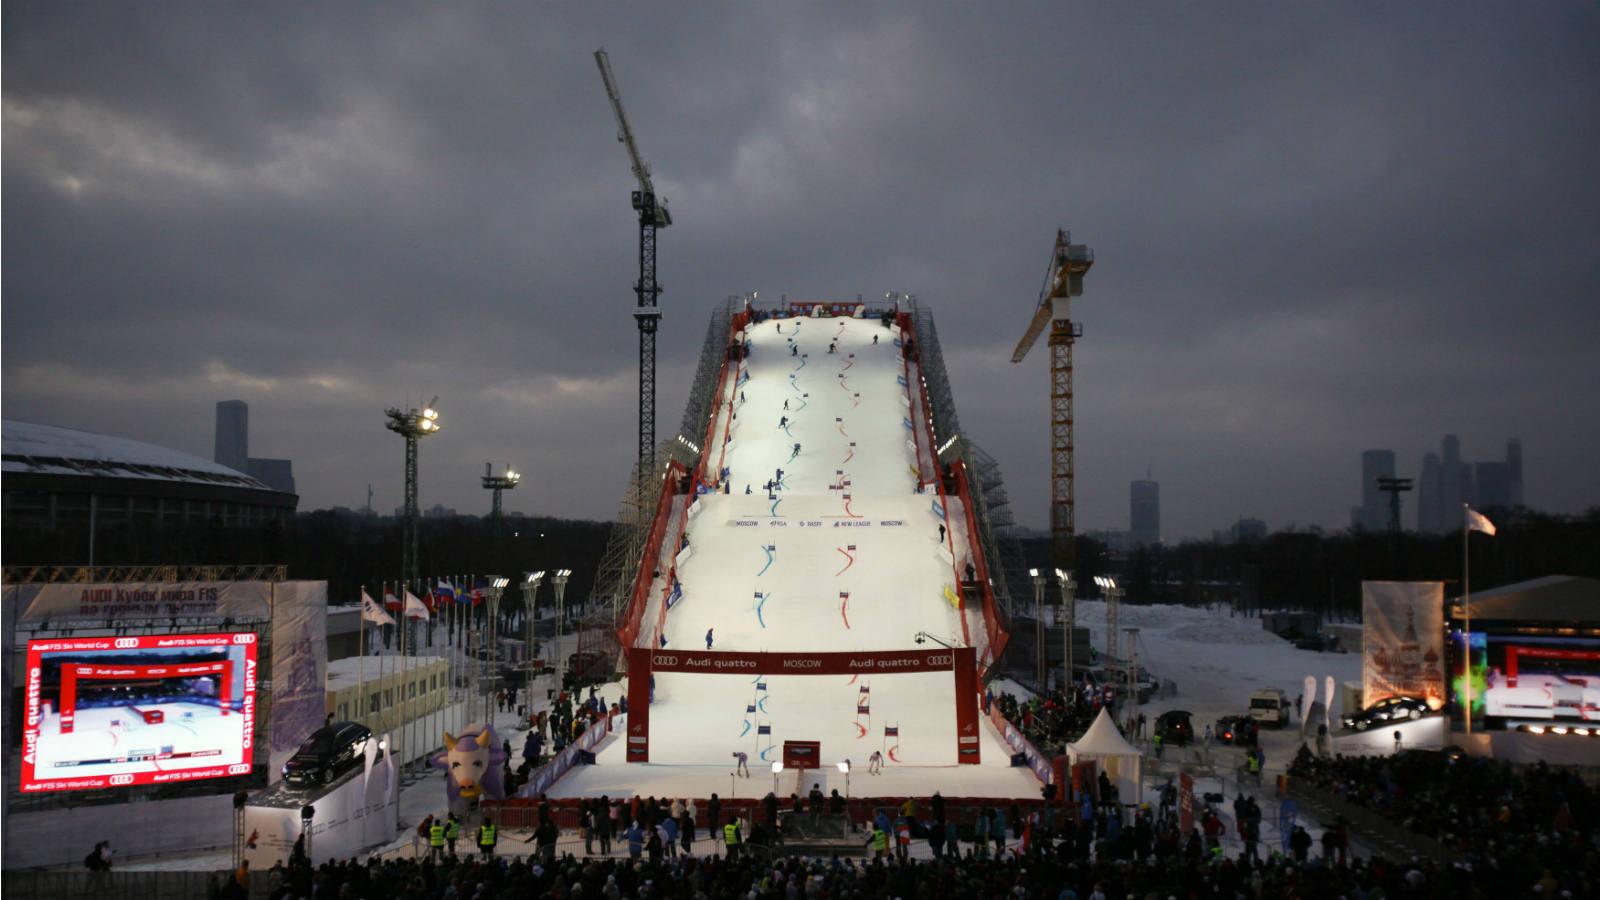 Una carrera de esquí en el centro de Moscú - Deportes ABC - ABC.es